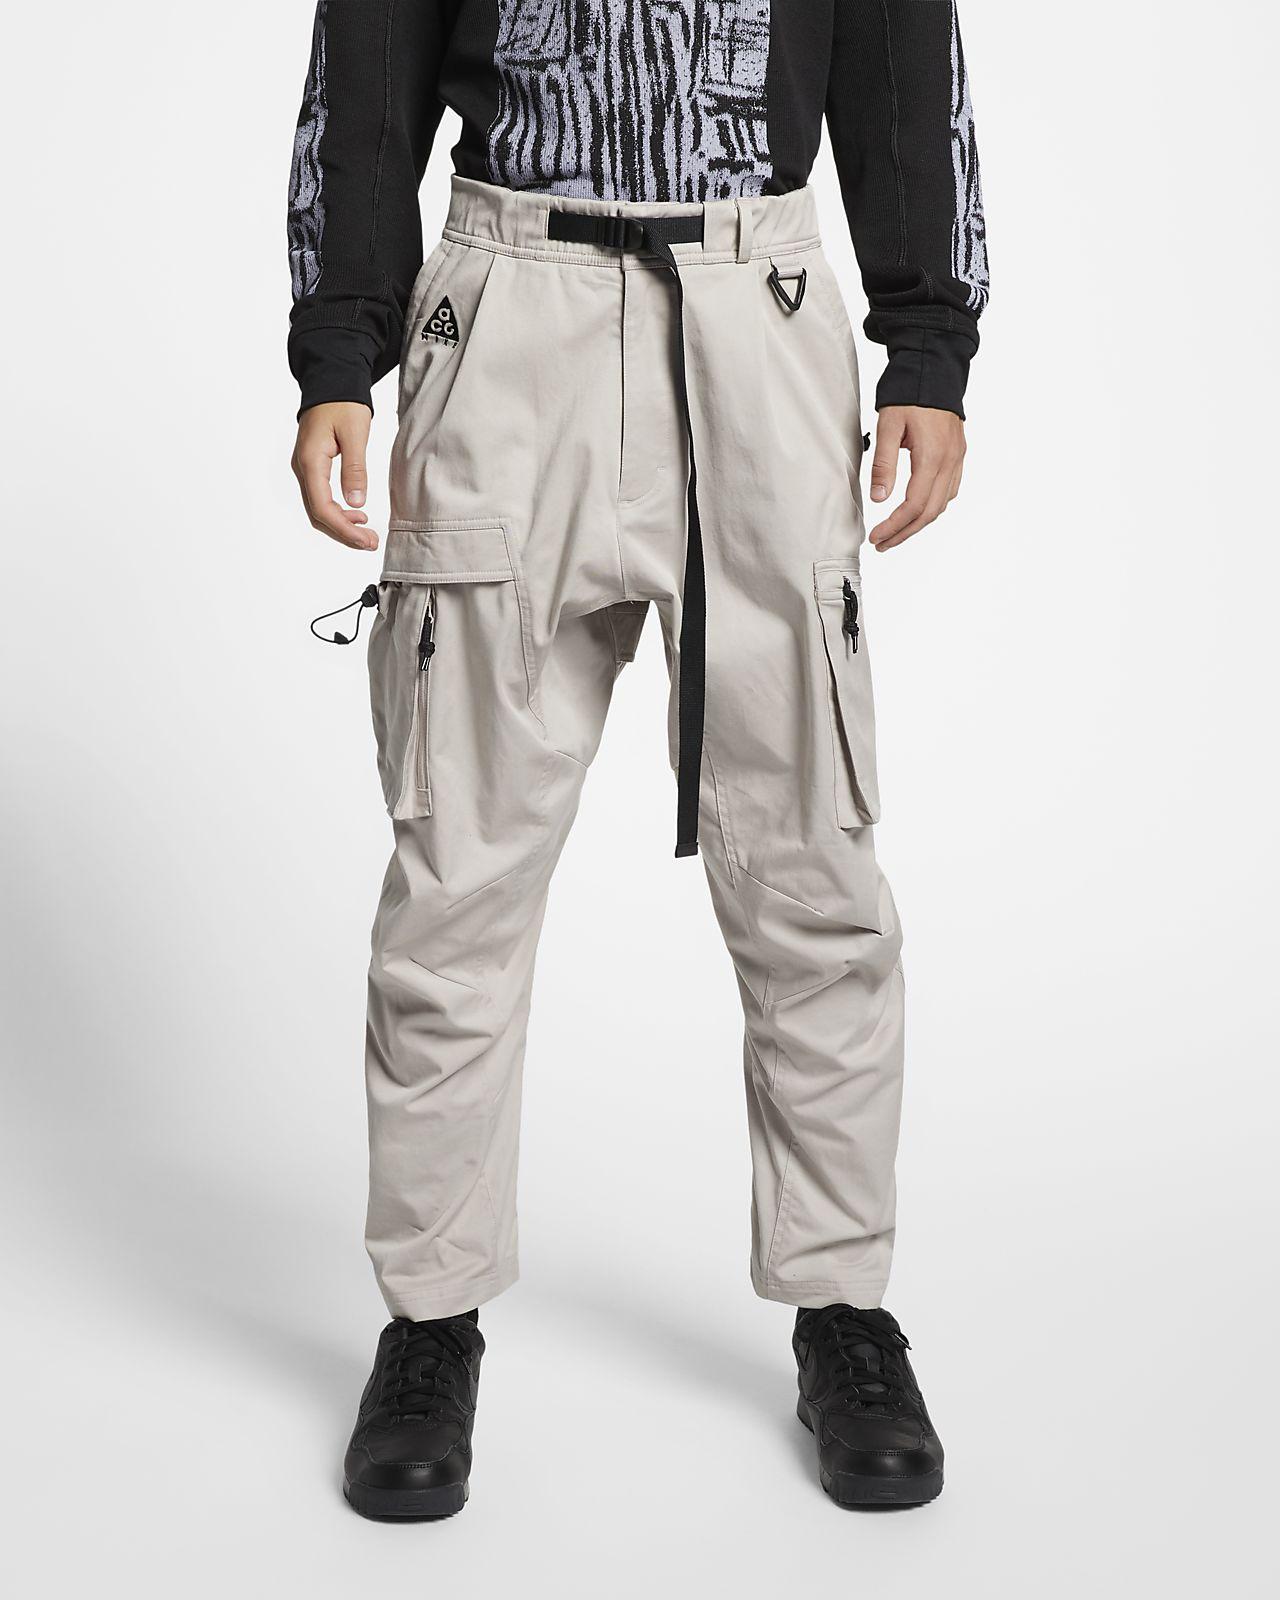 Nike ACG bukse til herre